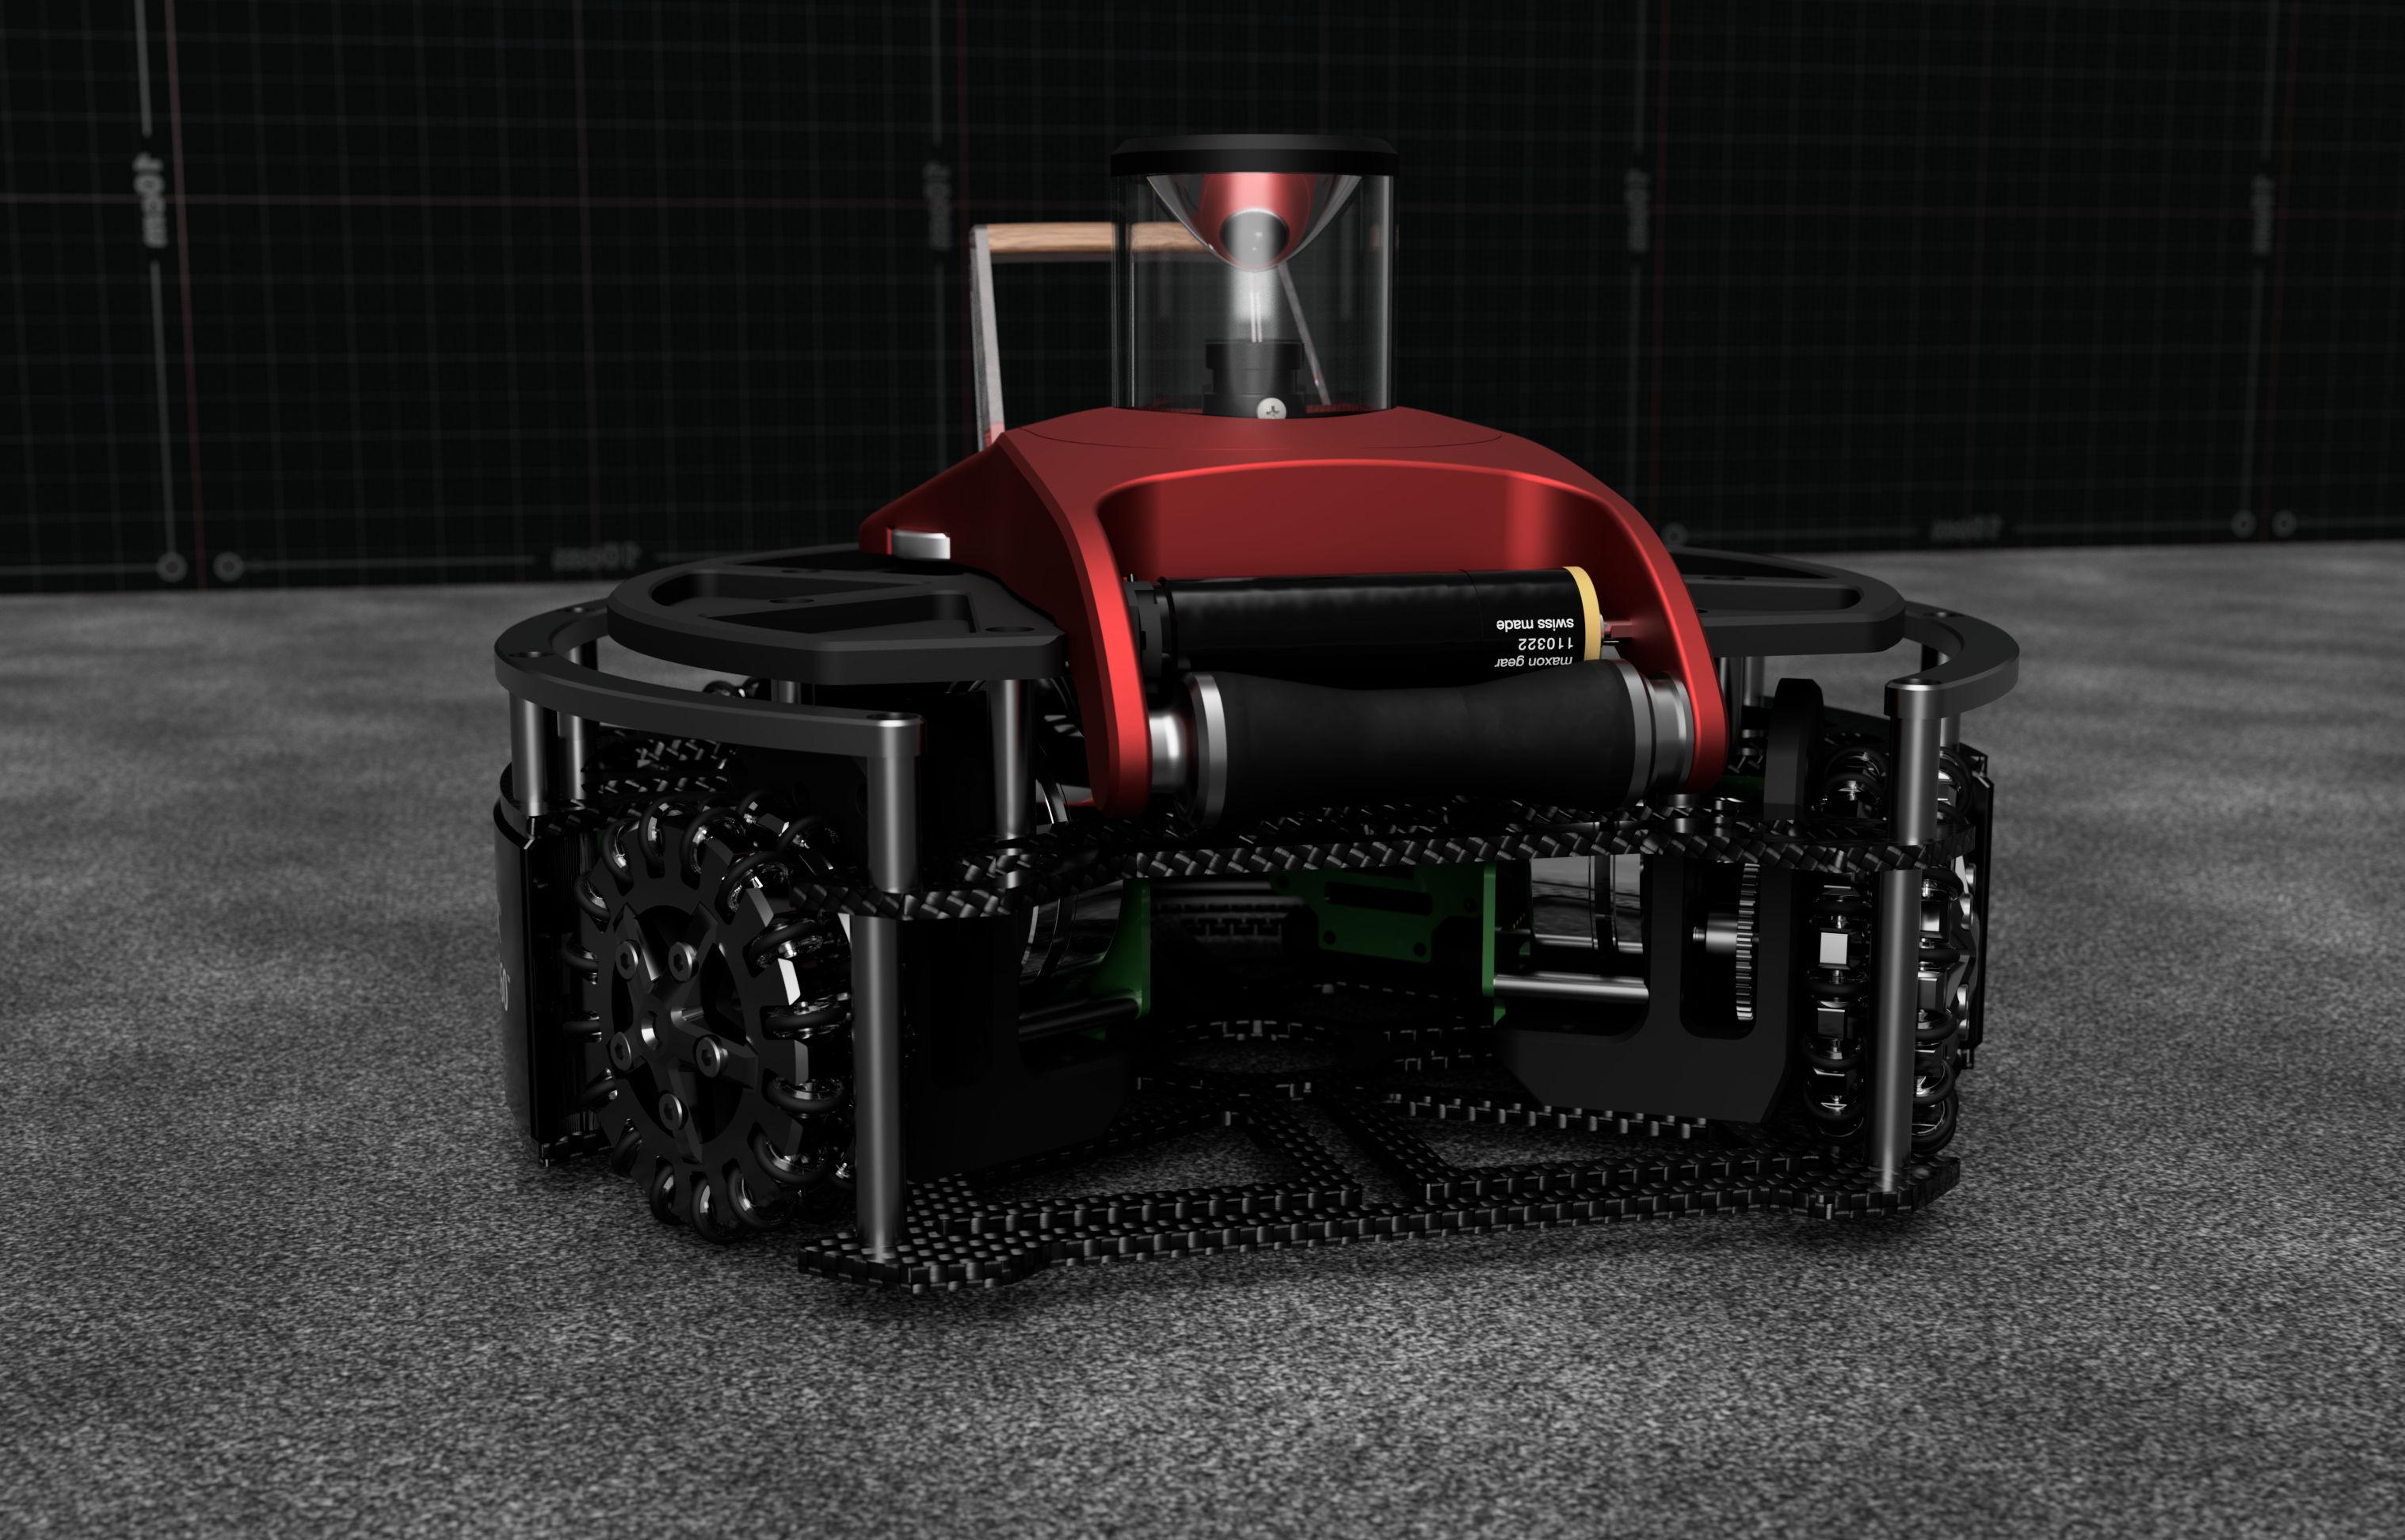 2019-machine-ver-2-2018-may-22-08-15-11am-000-customizedview41098286808-jpg-3500-3500